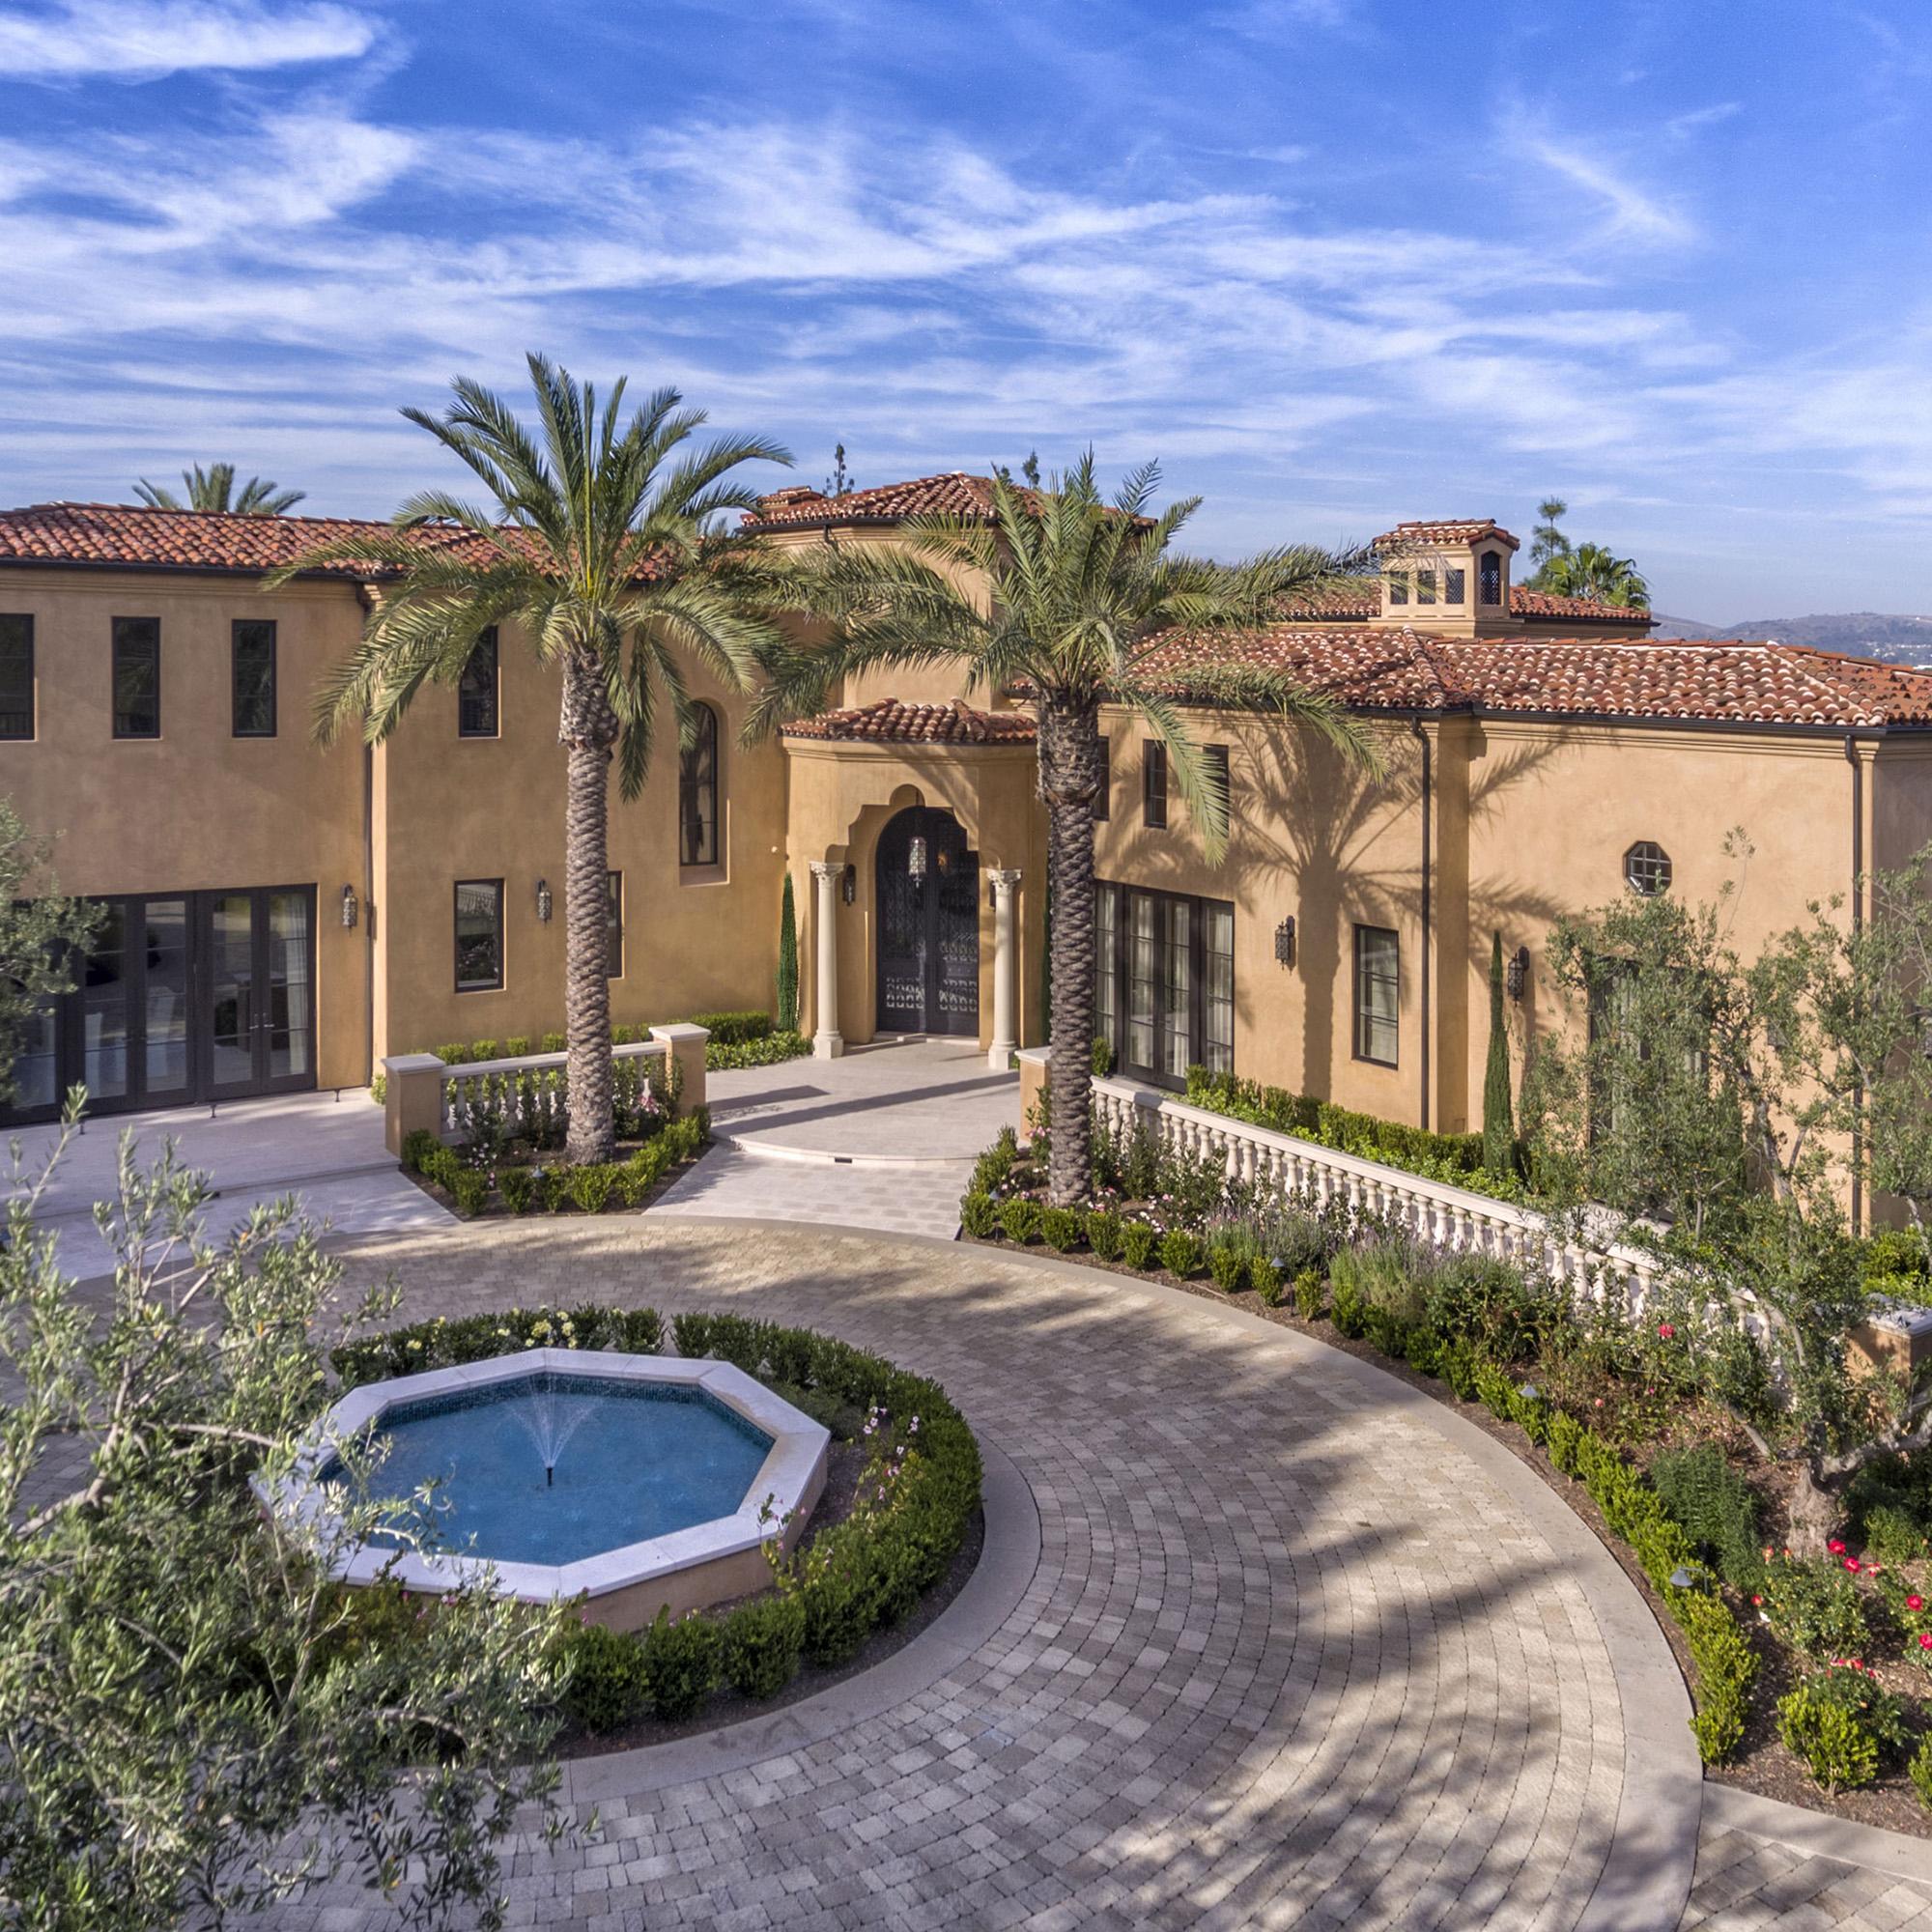 Orange County - Mediterranean Estate